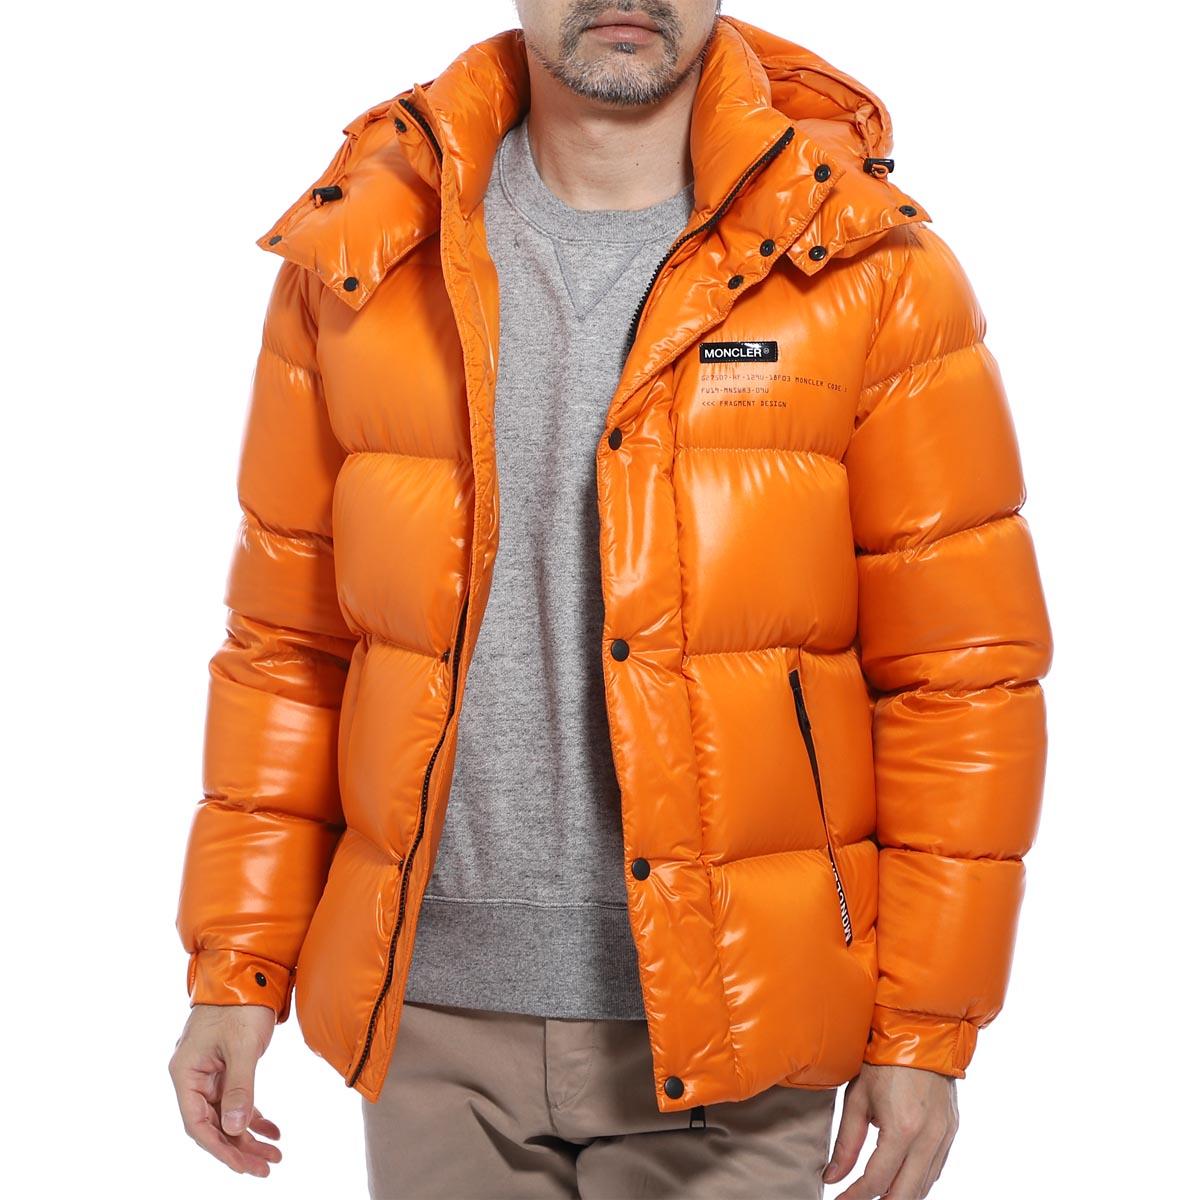 モンクレール MONCLER ダウンジャケット オレンジ メンズ hanriot 4130750 68950 320 MONCLER GENIUS 7 HANRIOT GIUBBOTTO【あす楽対応_関東】【返品送料無料】【ラッピング無料】